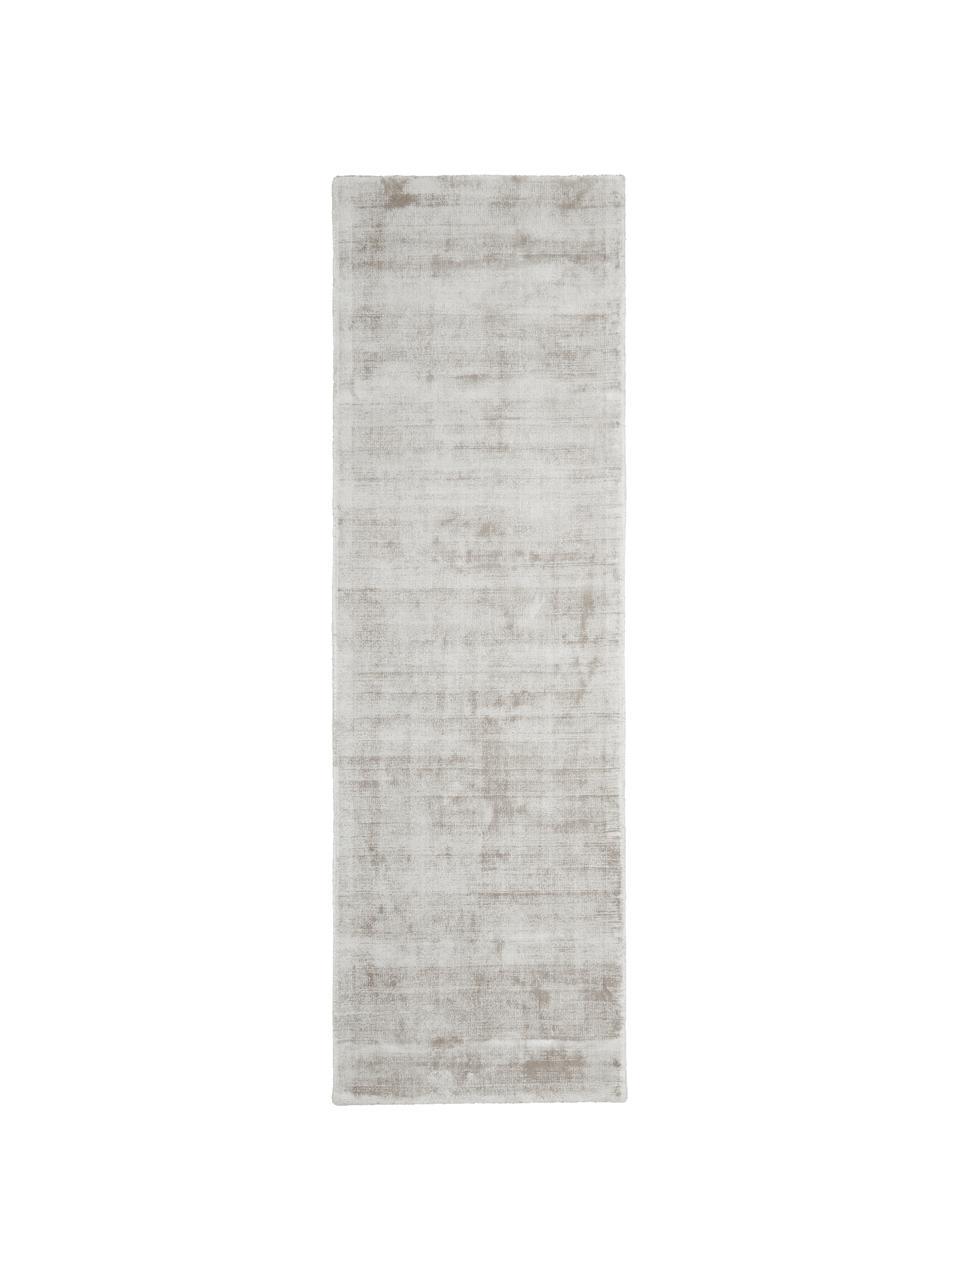 Handgeweven viscose loper Jane in lichtgrijs-beige, Bovenzijde: 100% viscose, Onderzijde: 100% katoen, Lichtgrijs-beige, 80 x 250 cm